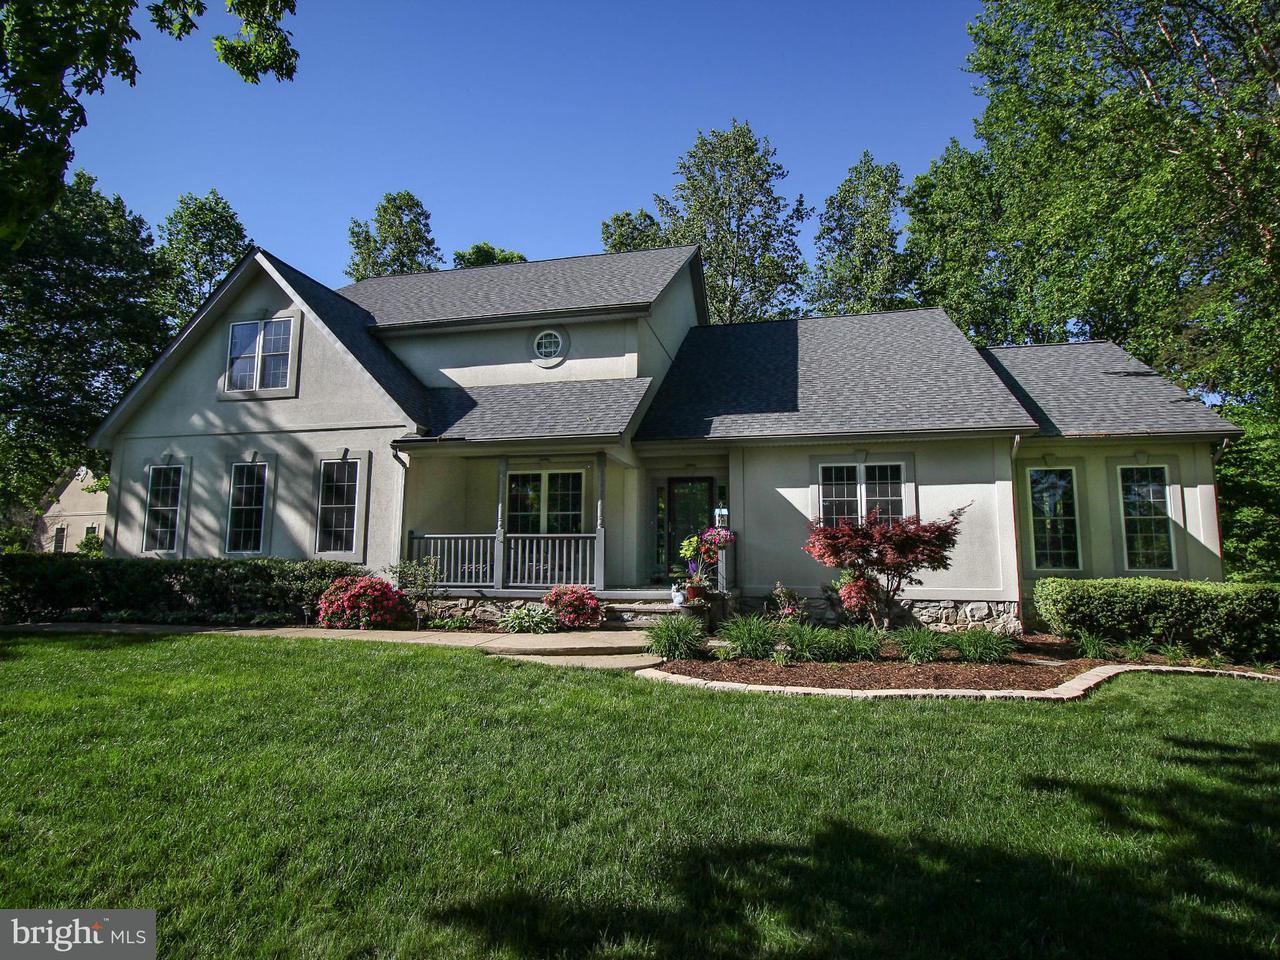 一戸建て のために 売買 アット 10908 TAPP PT 10908 TAPP PT Spotsylvania, バージニア 22551 アメリカ合衆国